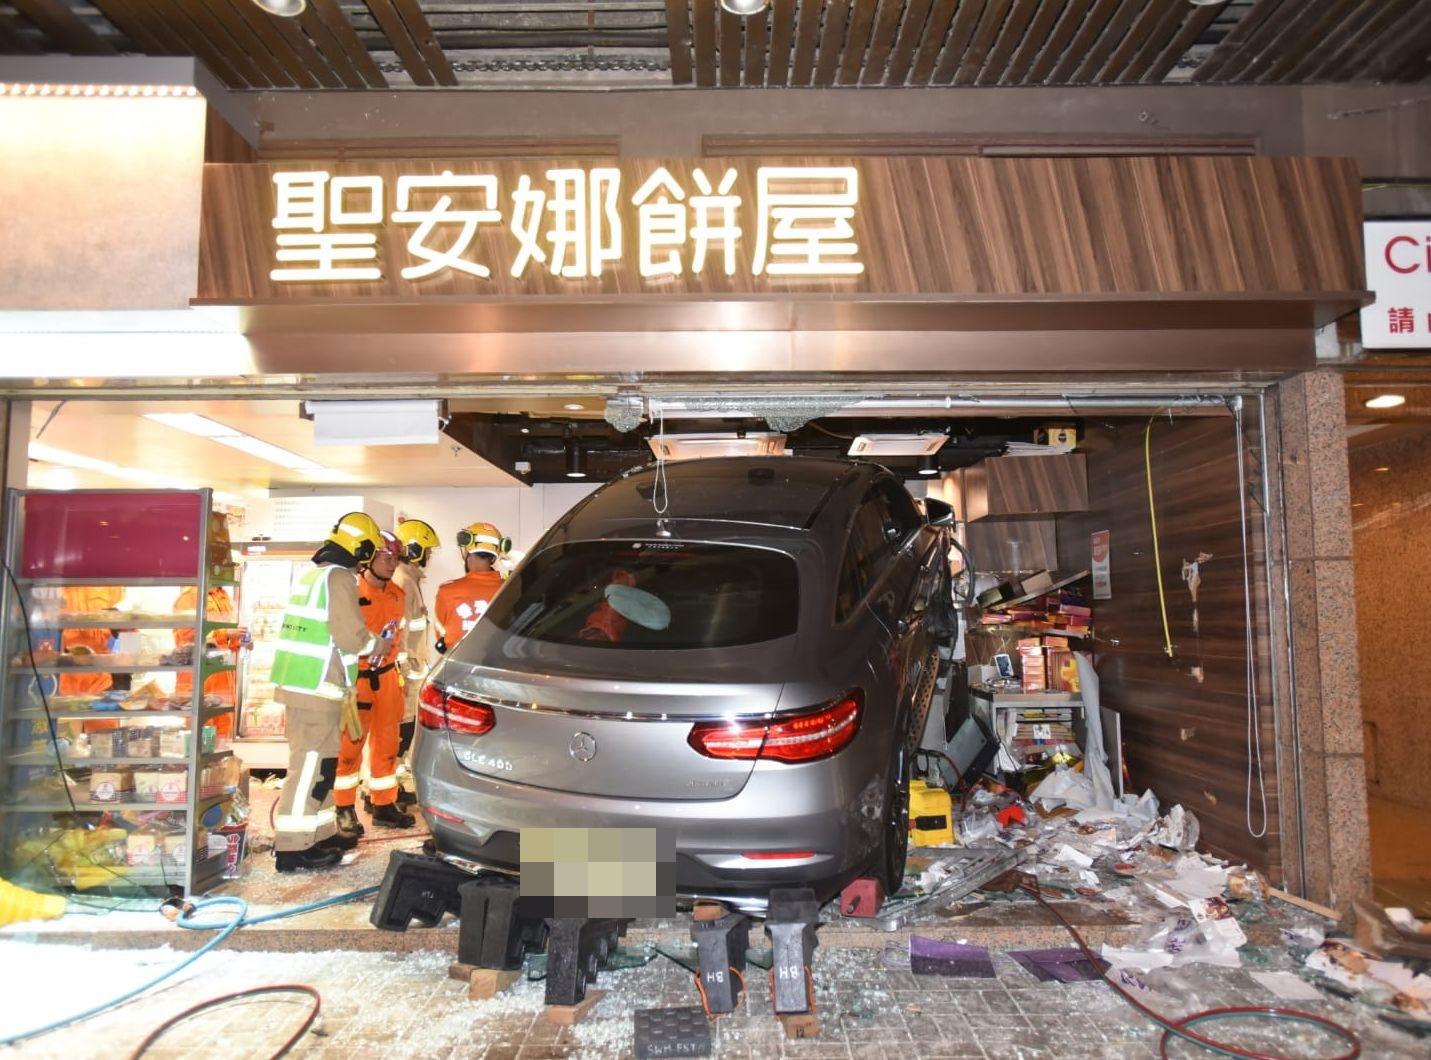 一輛私家車撞入聖安娜餅店內。